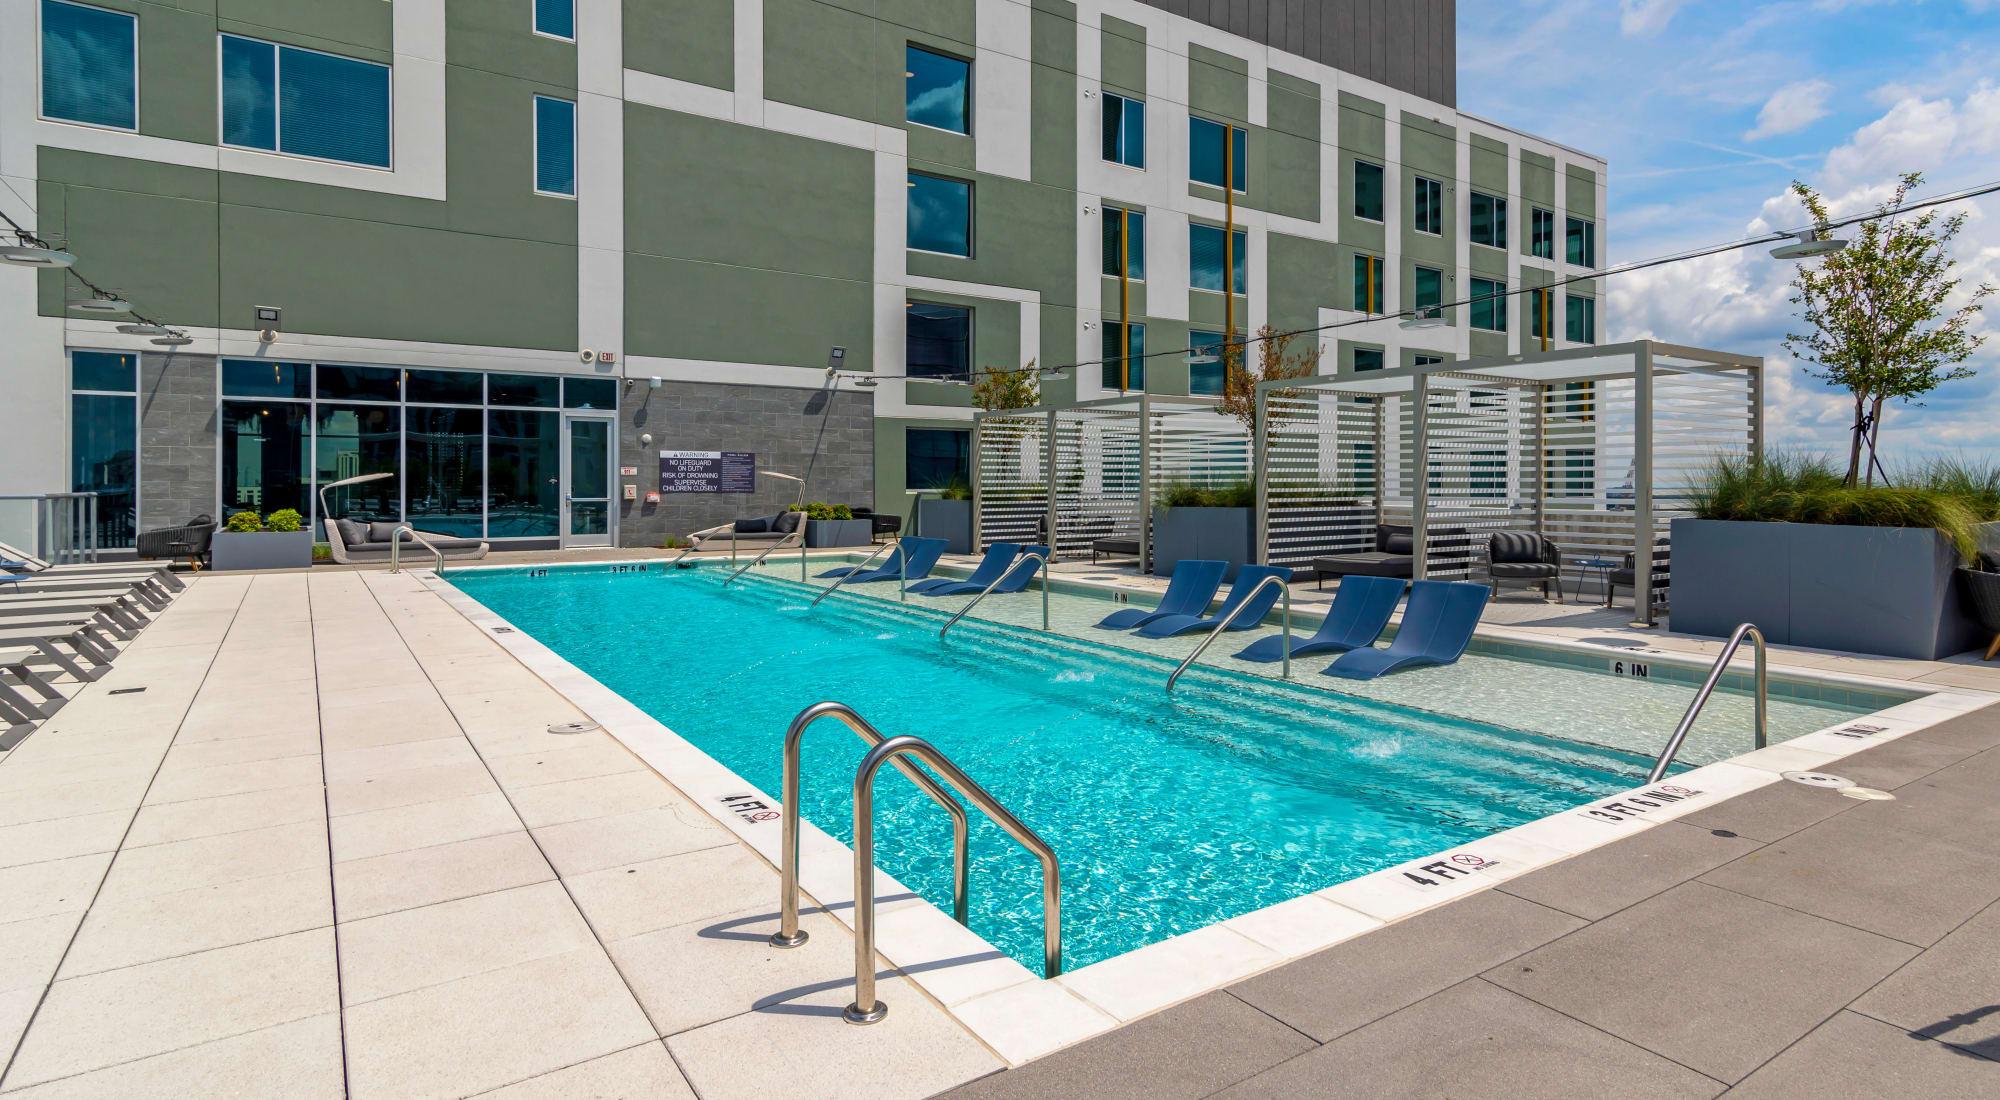 Student apartments at HERE Atlanta in Atlanta, Georgia